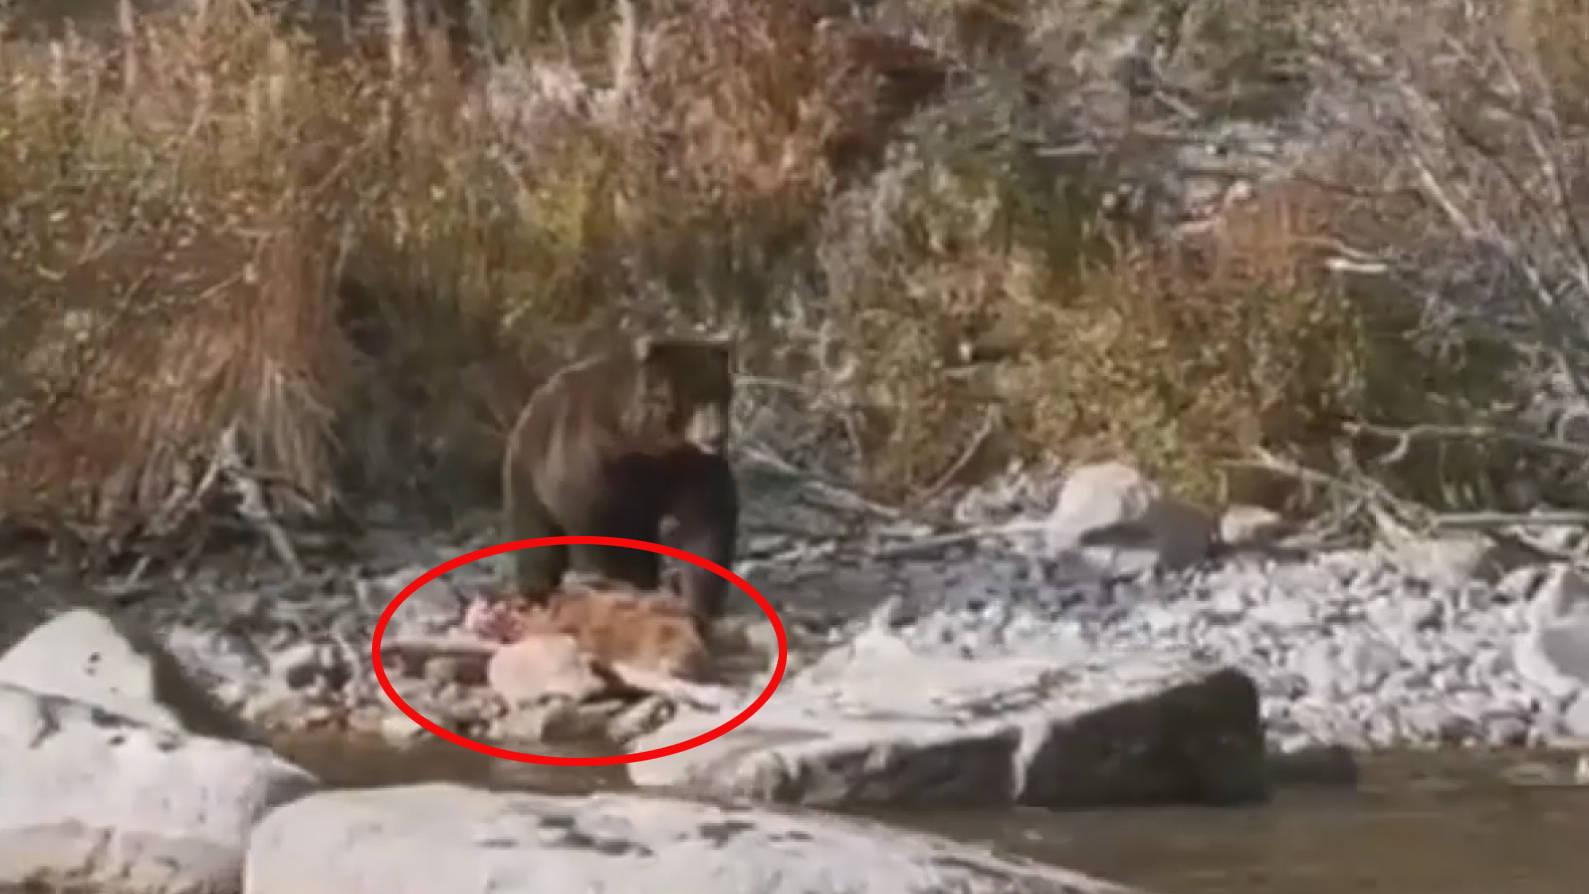 恒达首页俄罗斯一只棕熊被拍到吞食幼崽 专家称系食物短缺所致